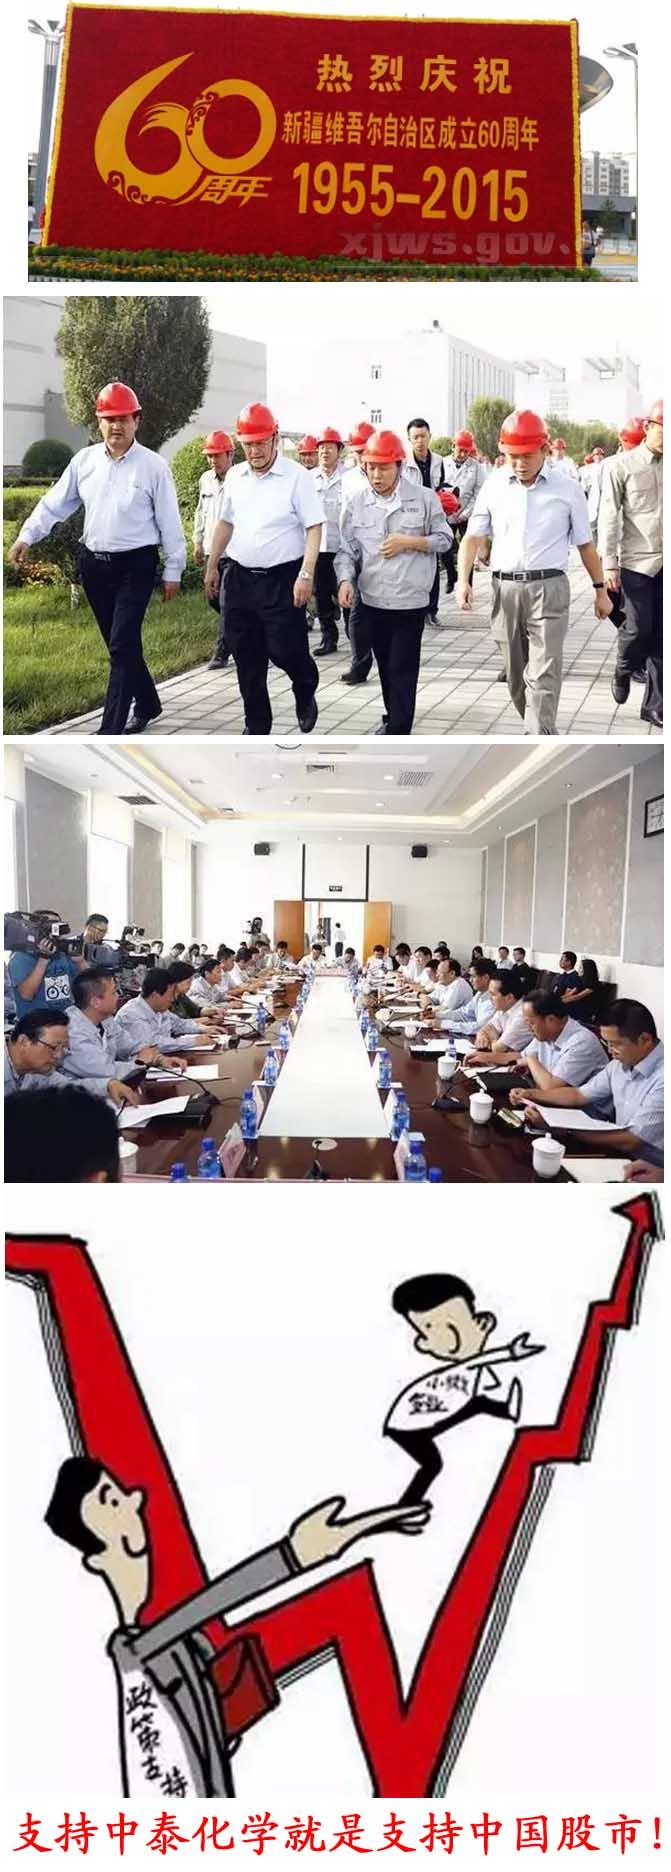 谭洪恩表示低电价政策图片